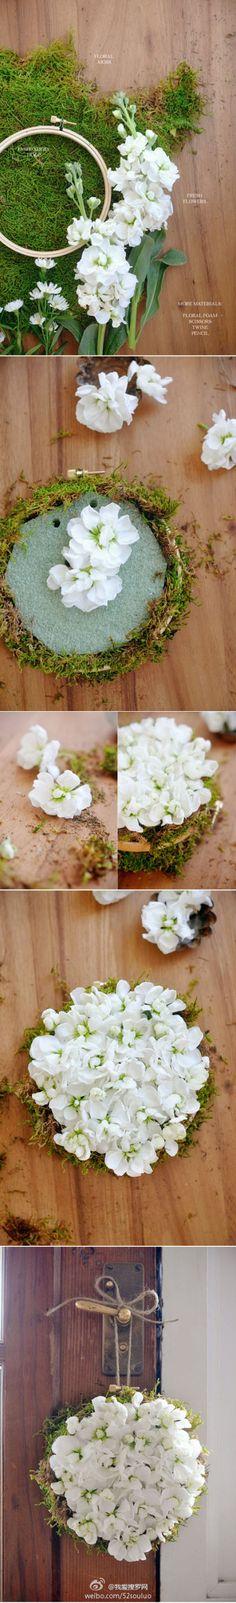 Las gardenias abiertos.  Los bricolaje pleno verano las flores decoradas Compartir tutorial